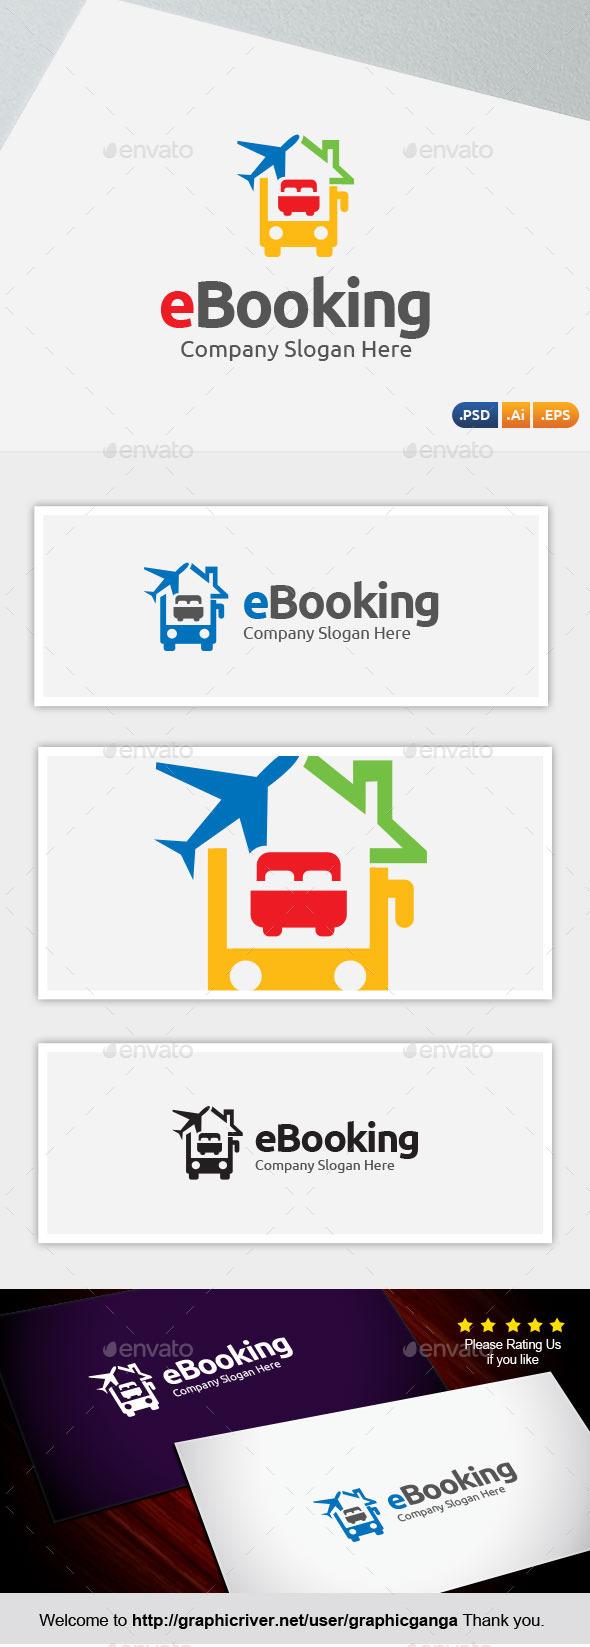 GraphicRiver e-Booking 10416608